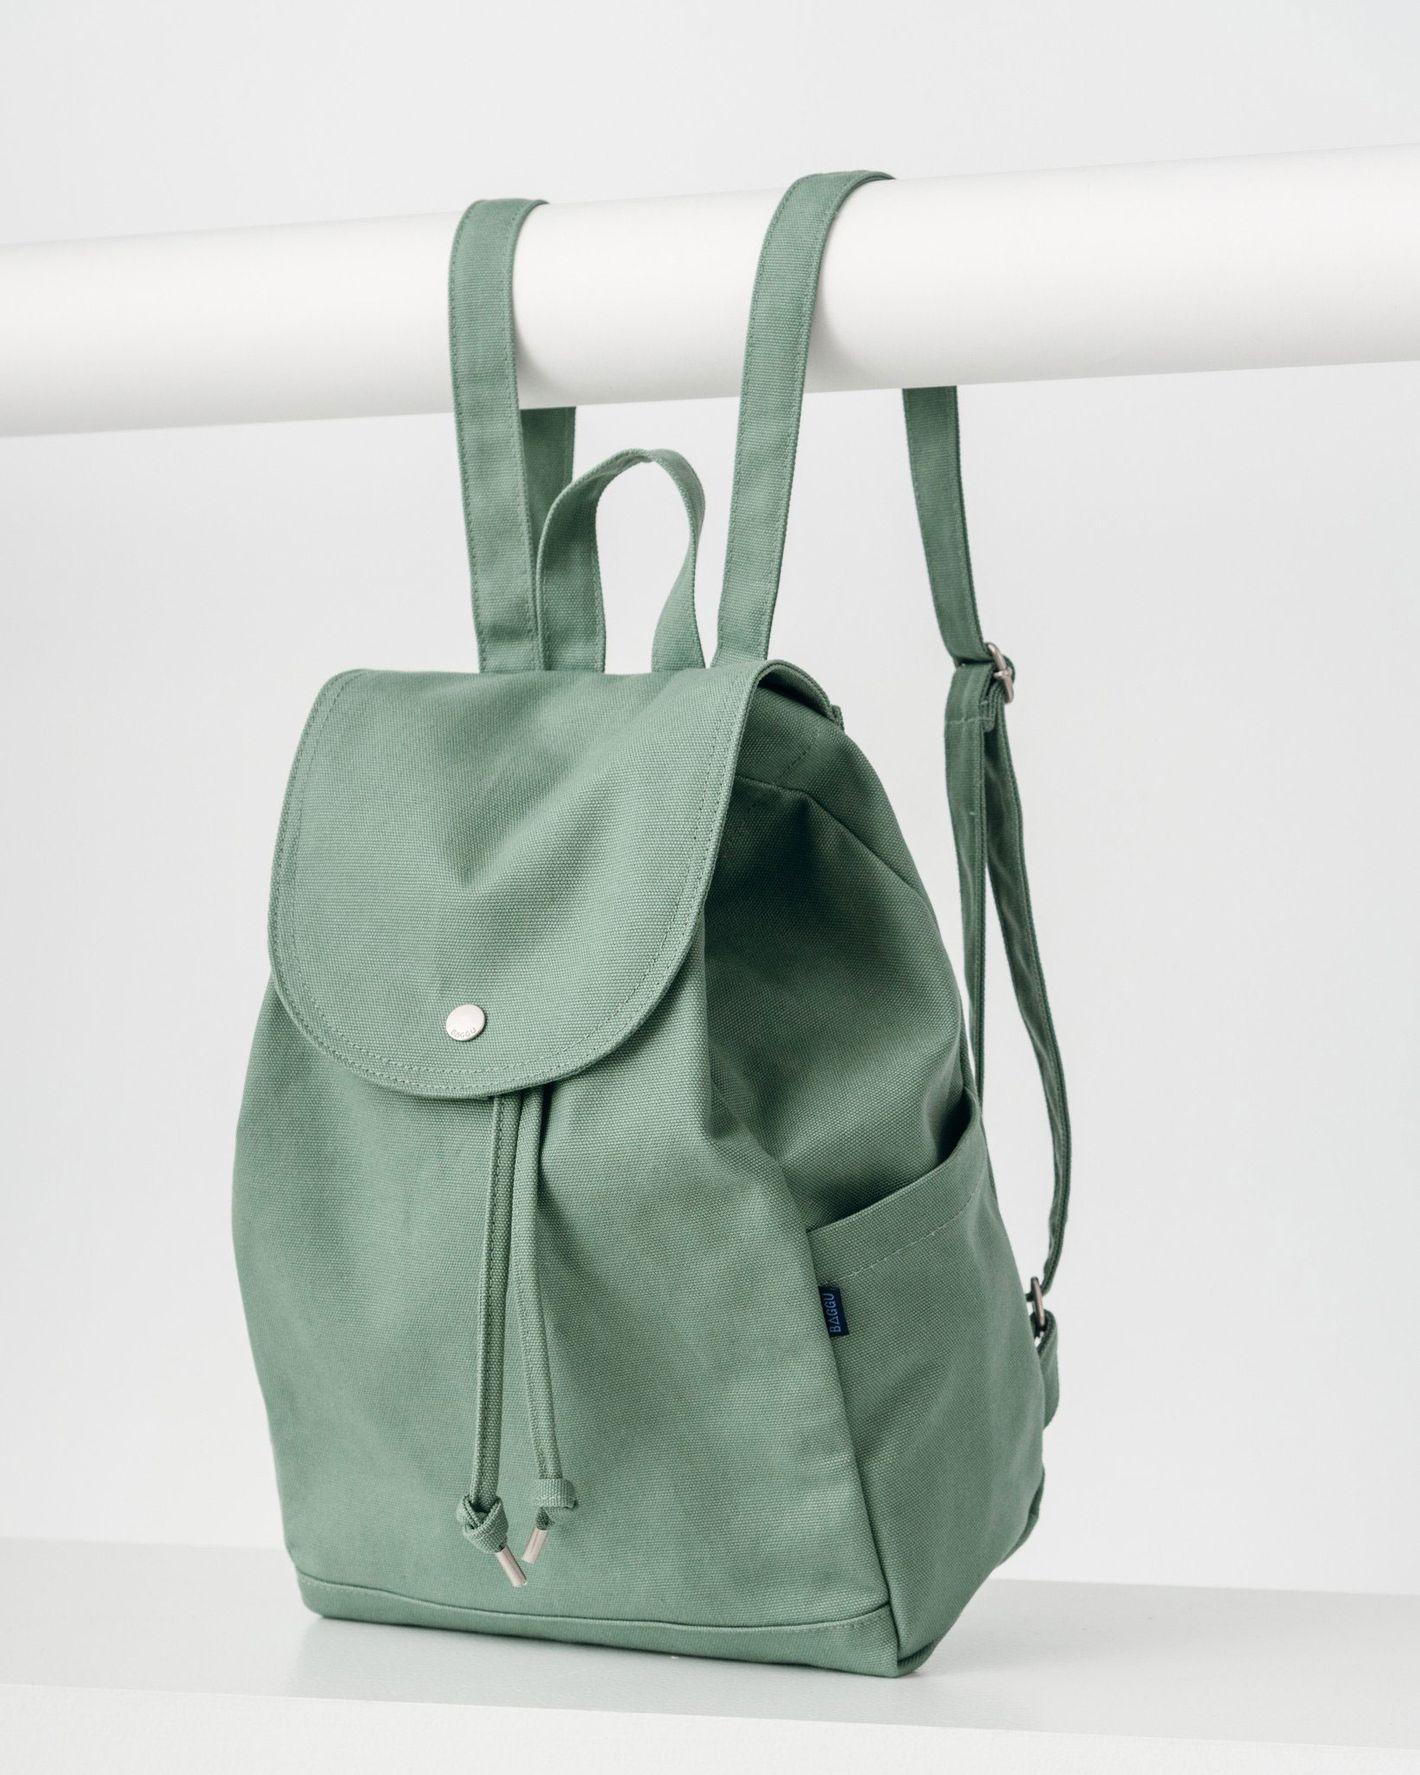 Best backpack Baggu drawstring